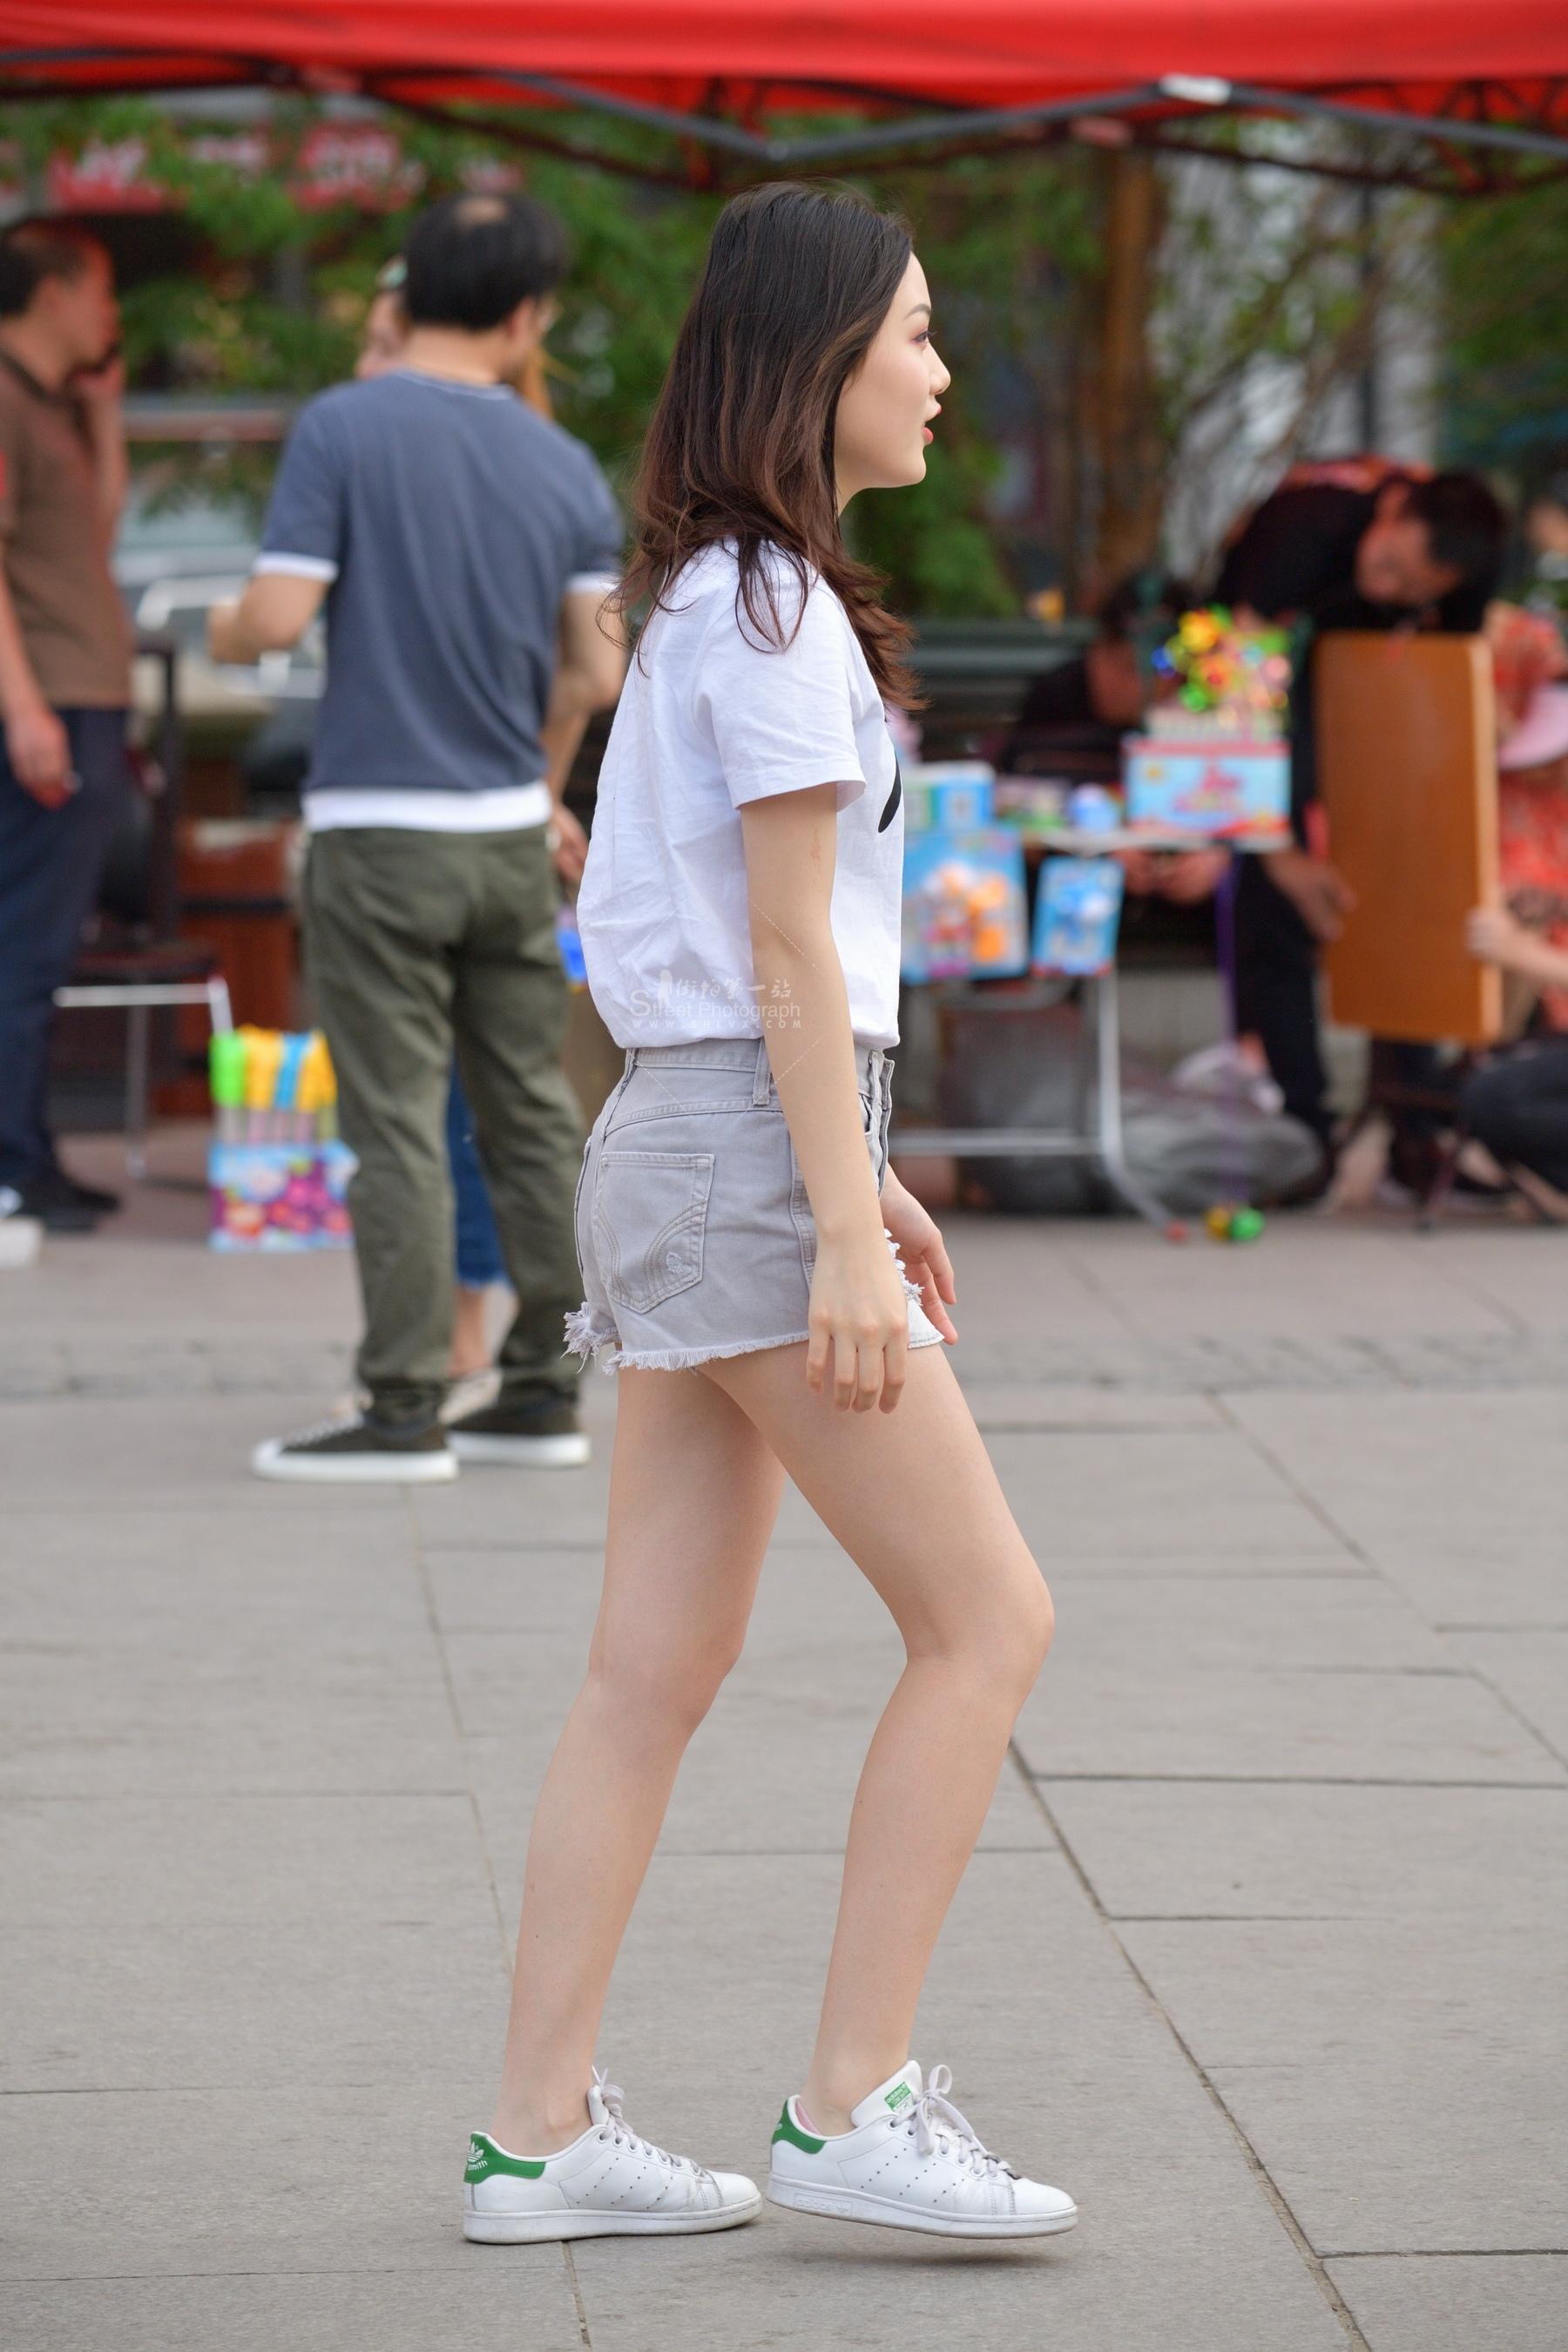 街拍短裤 短裤白衬衫 街拍美女图片发布 街拍丝袜第一站